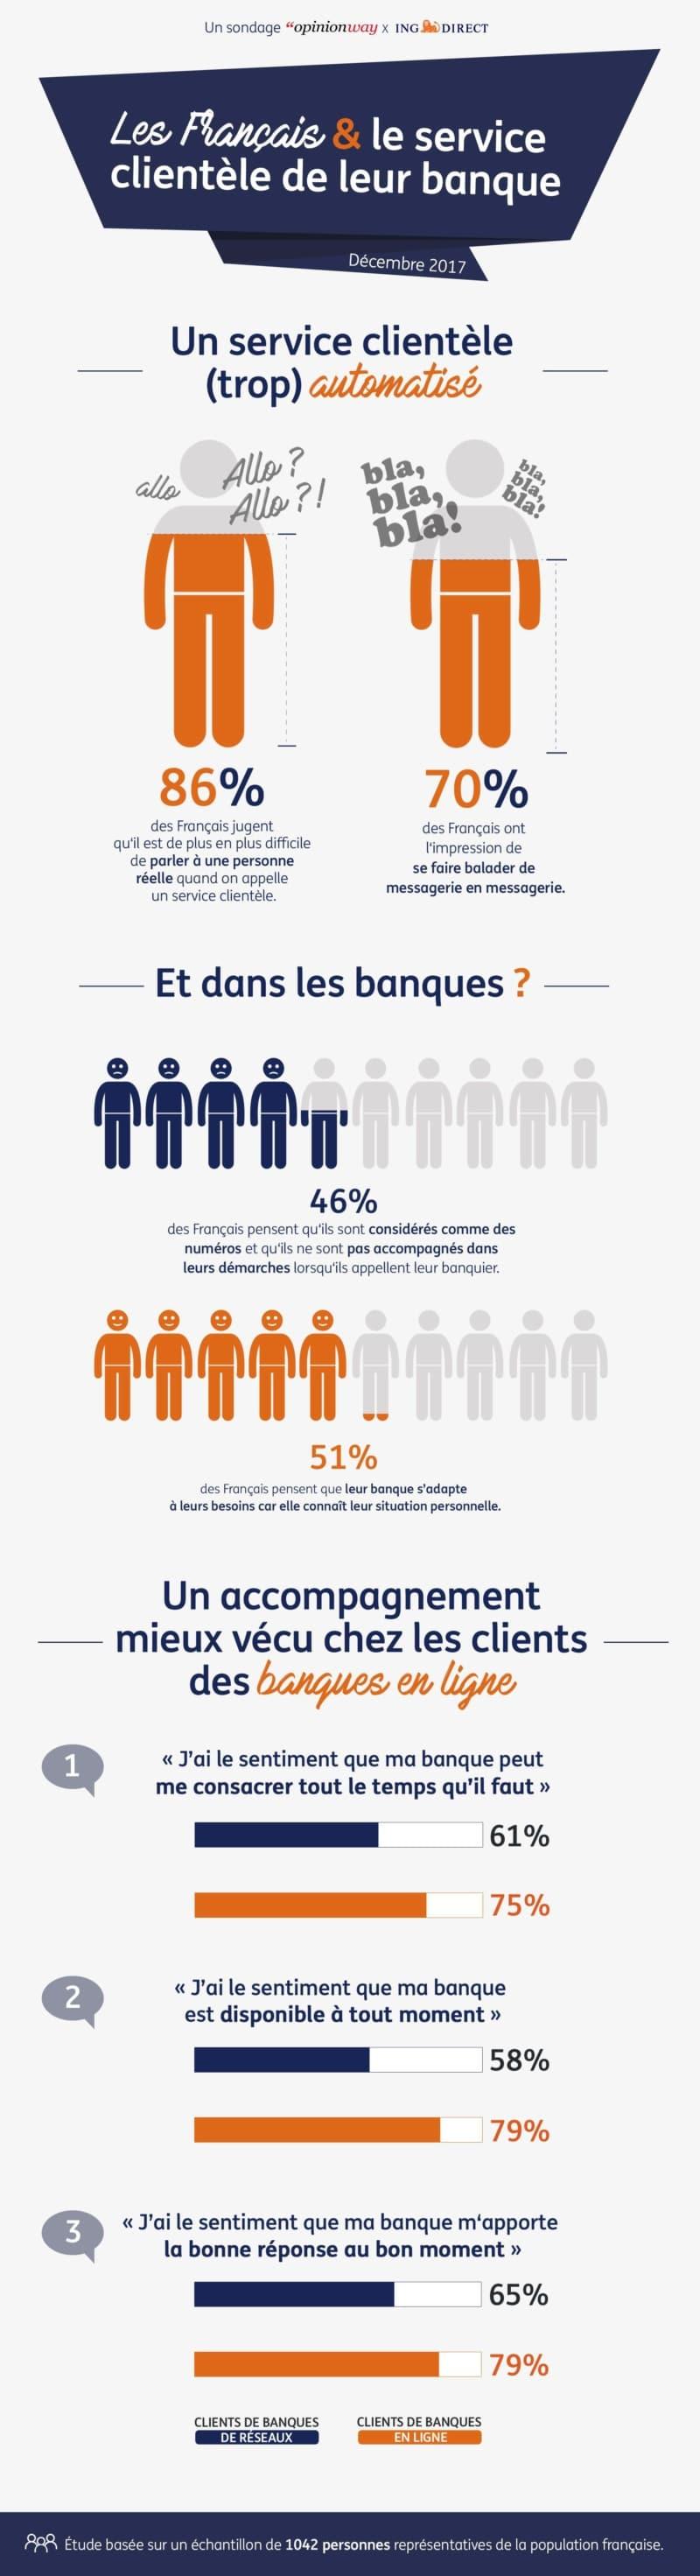 Les Français et le service clientèle de leur banque.